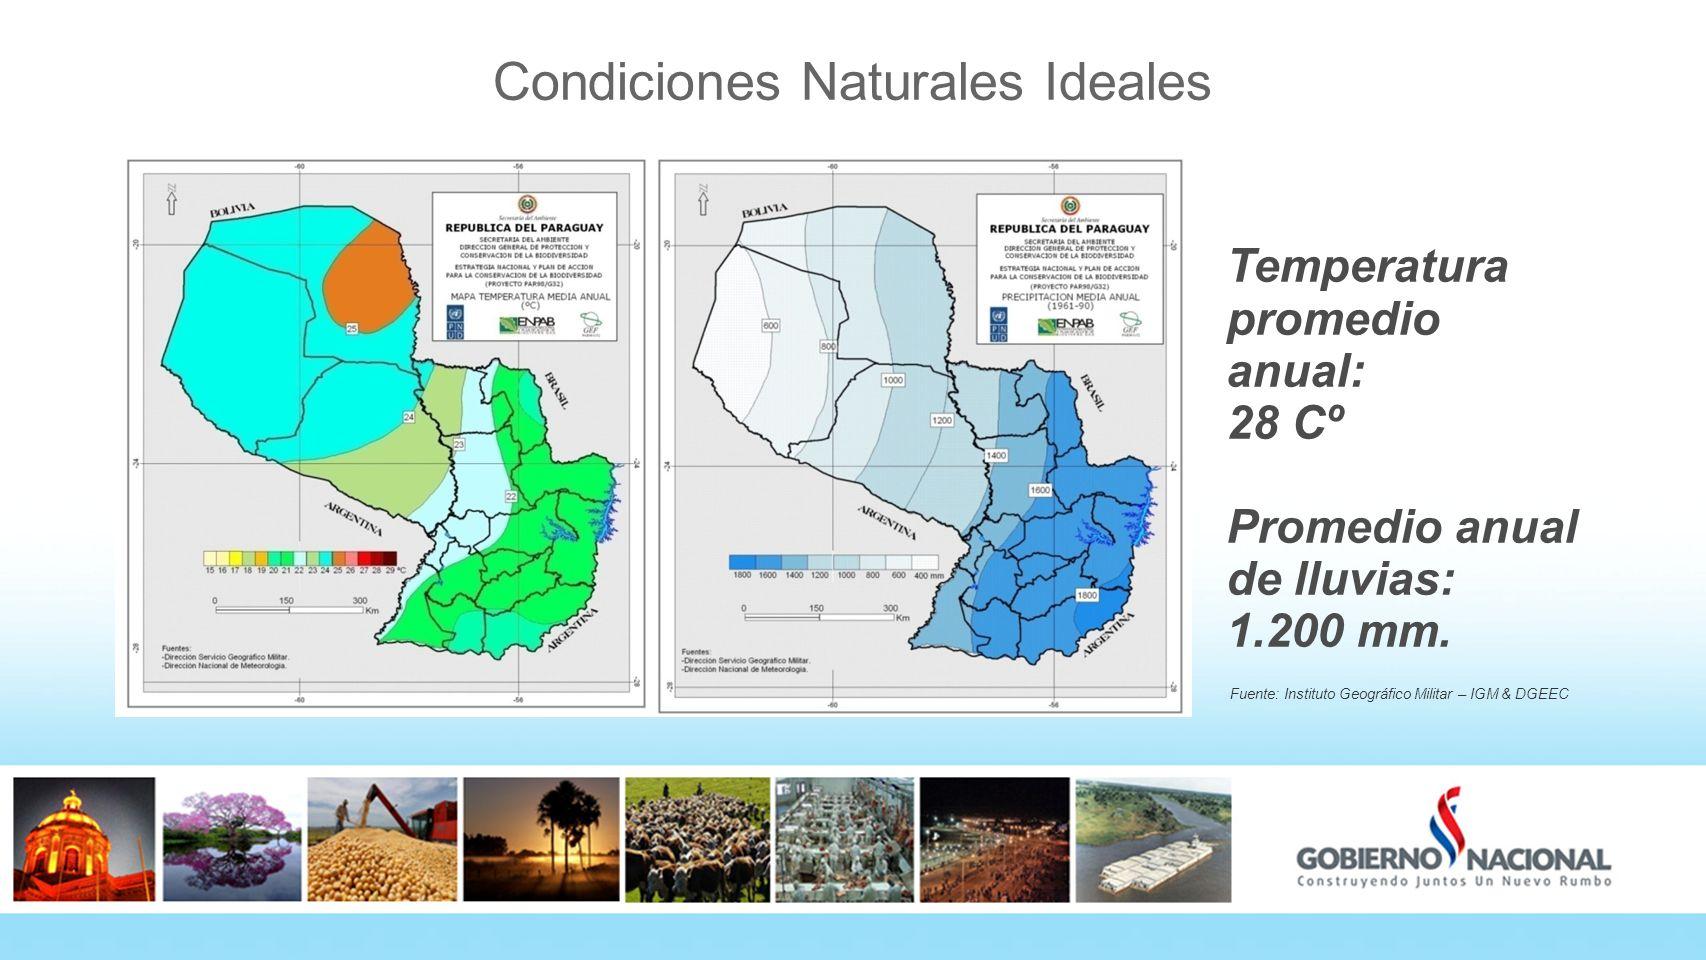 Condiciones Naturales Ideales